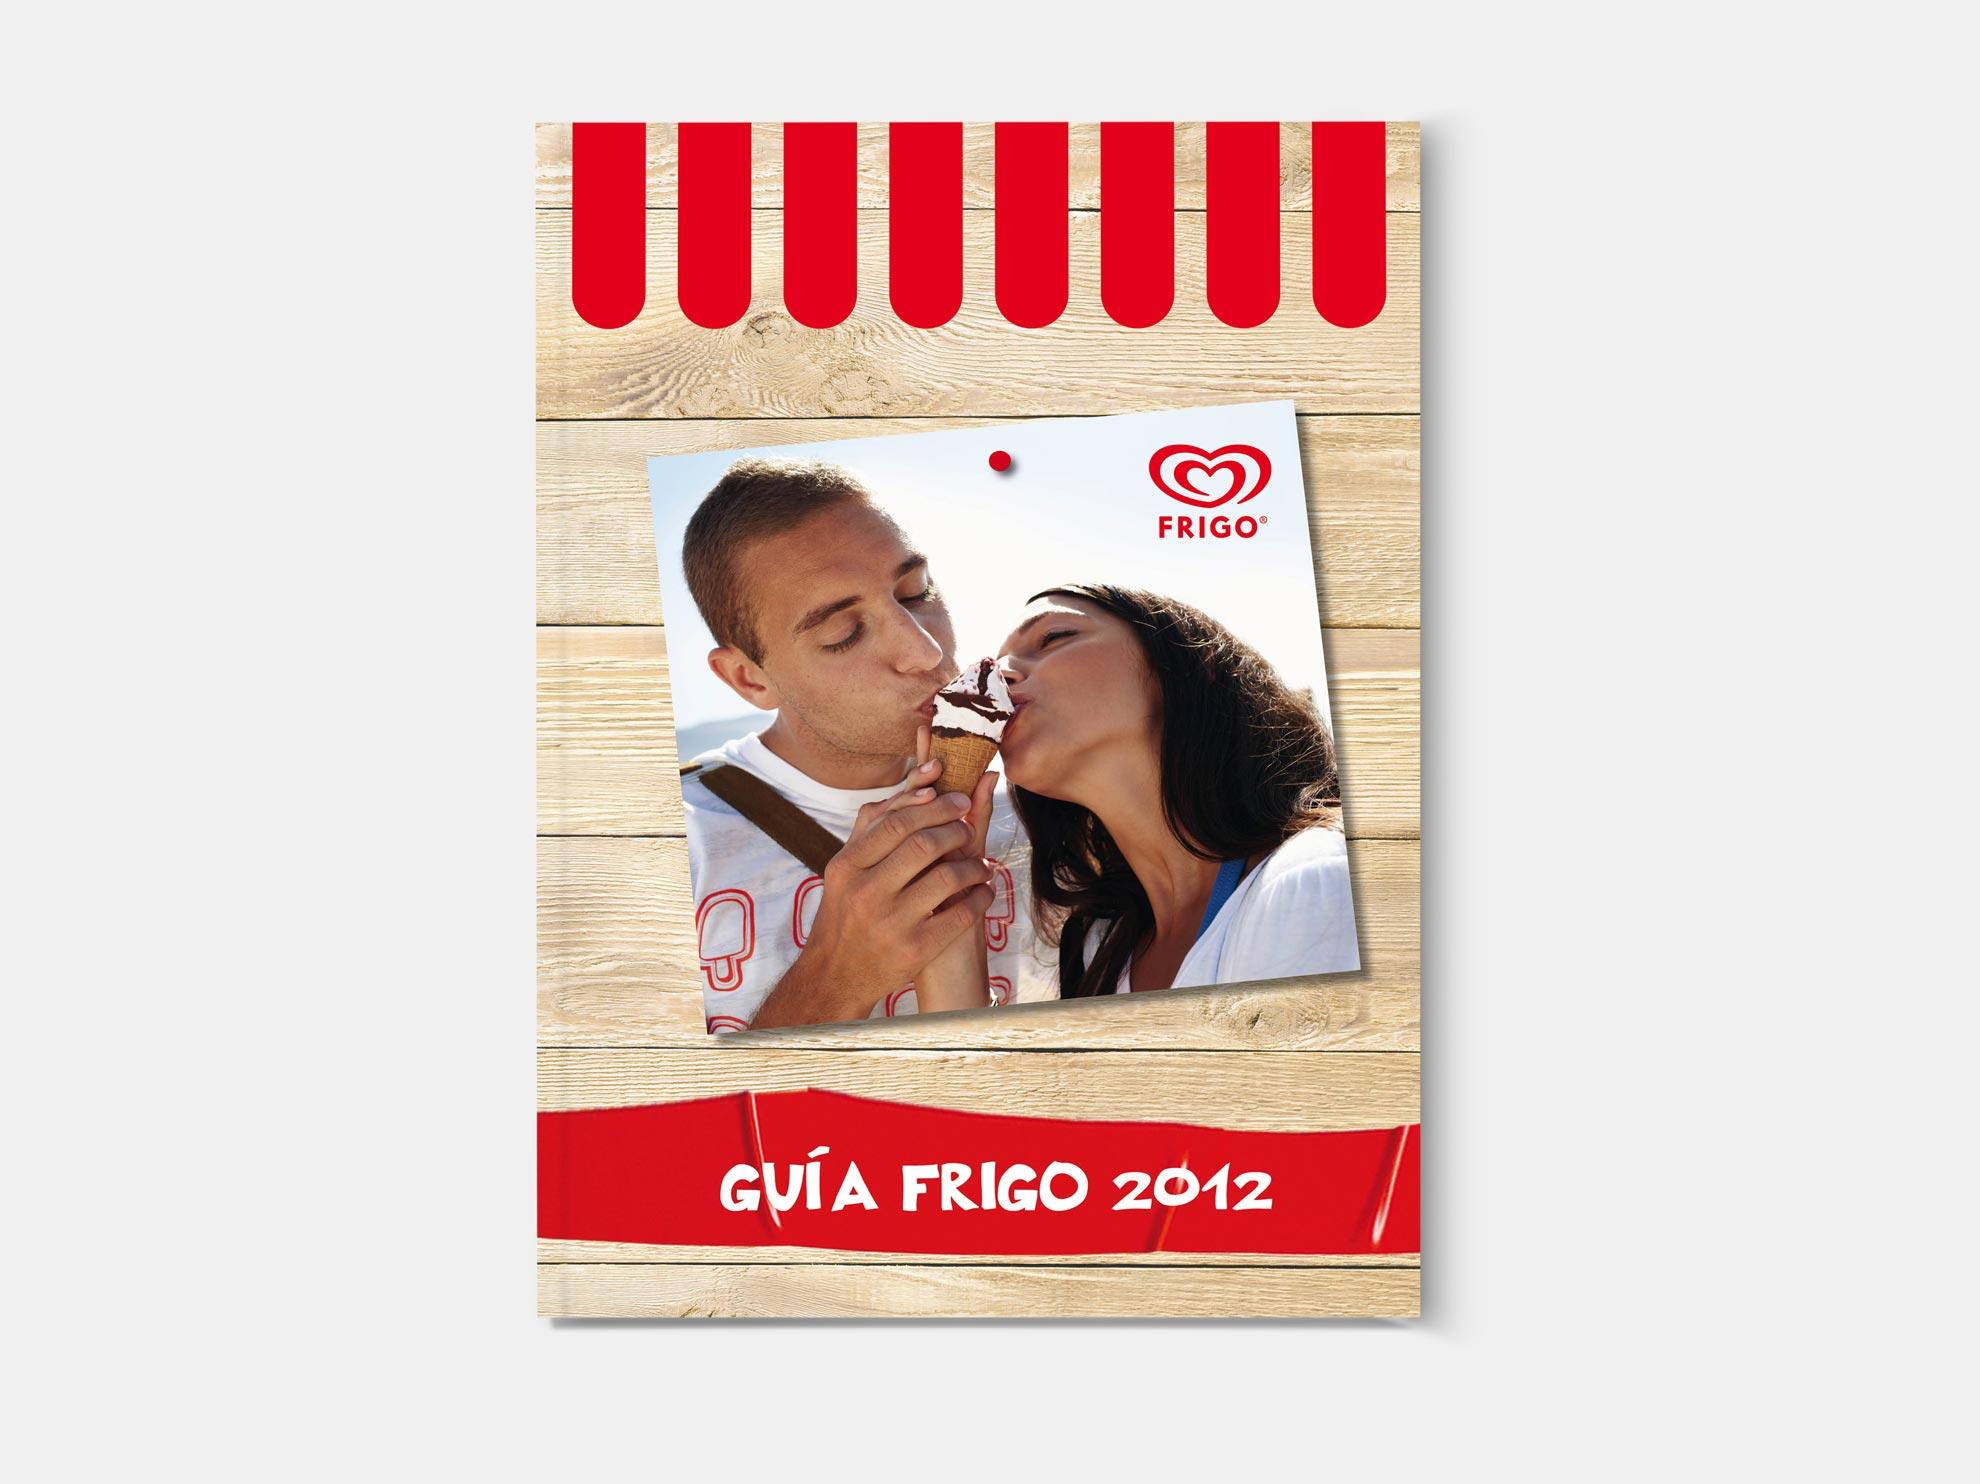 Guia-frigo-2012